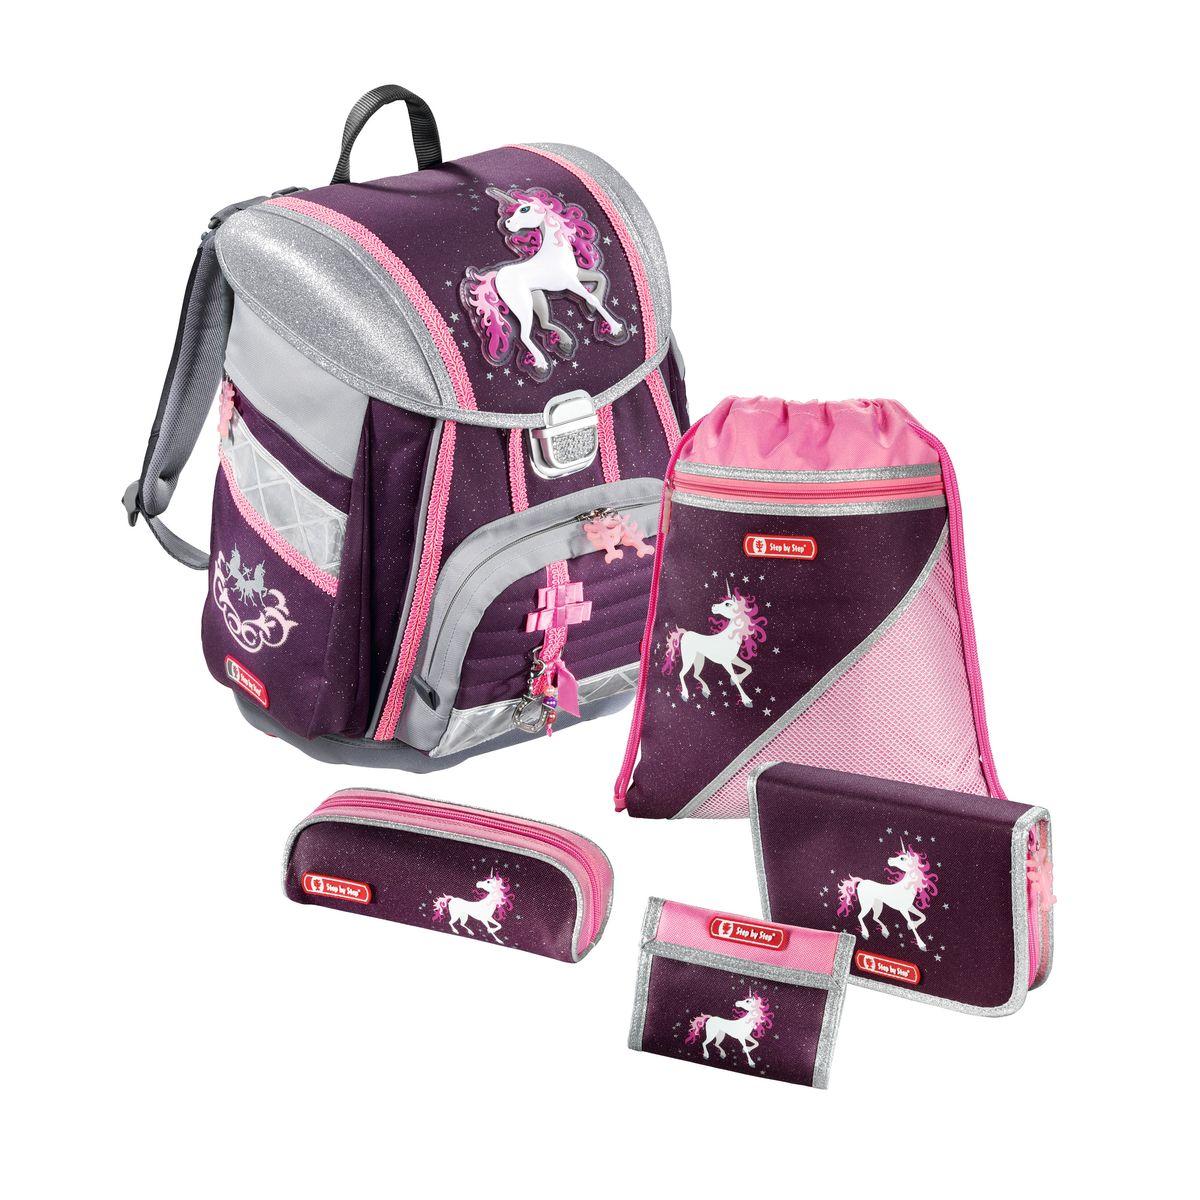 Hama Ранец школьный Step By Step Touch Unicorn с наполнением129090Ранец Step By Step Touch Unicorn полиэстер фиолетовый/розовый Наполнение: пенал с наполнением, пенал, кошелек, мешок для сменки